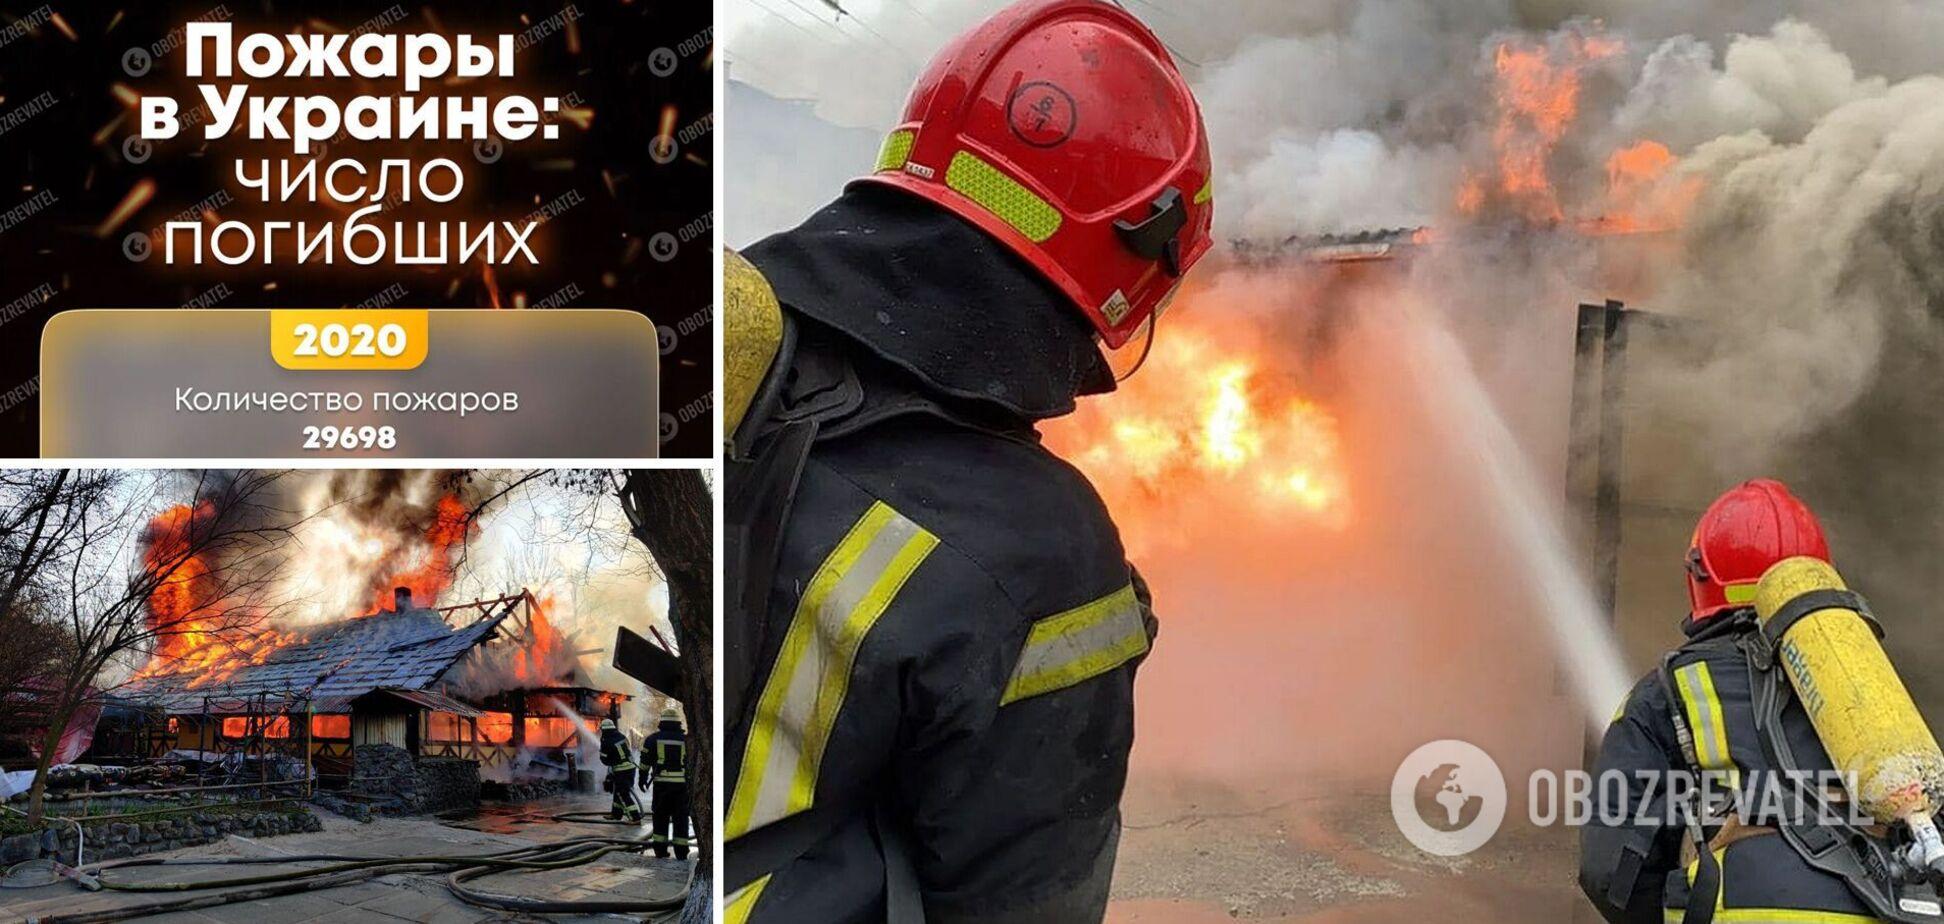 Виноваты сами? В Украине тысячи человек погибают при пожарах: как уберечься